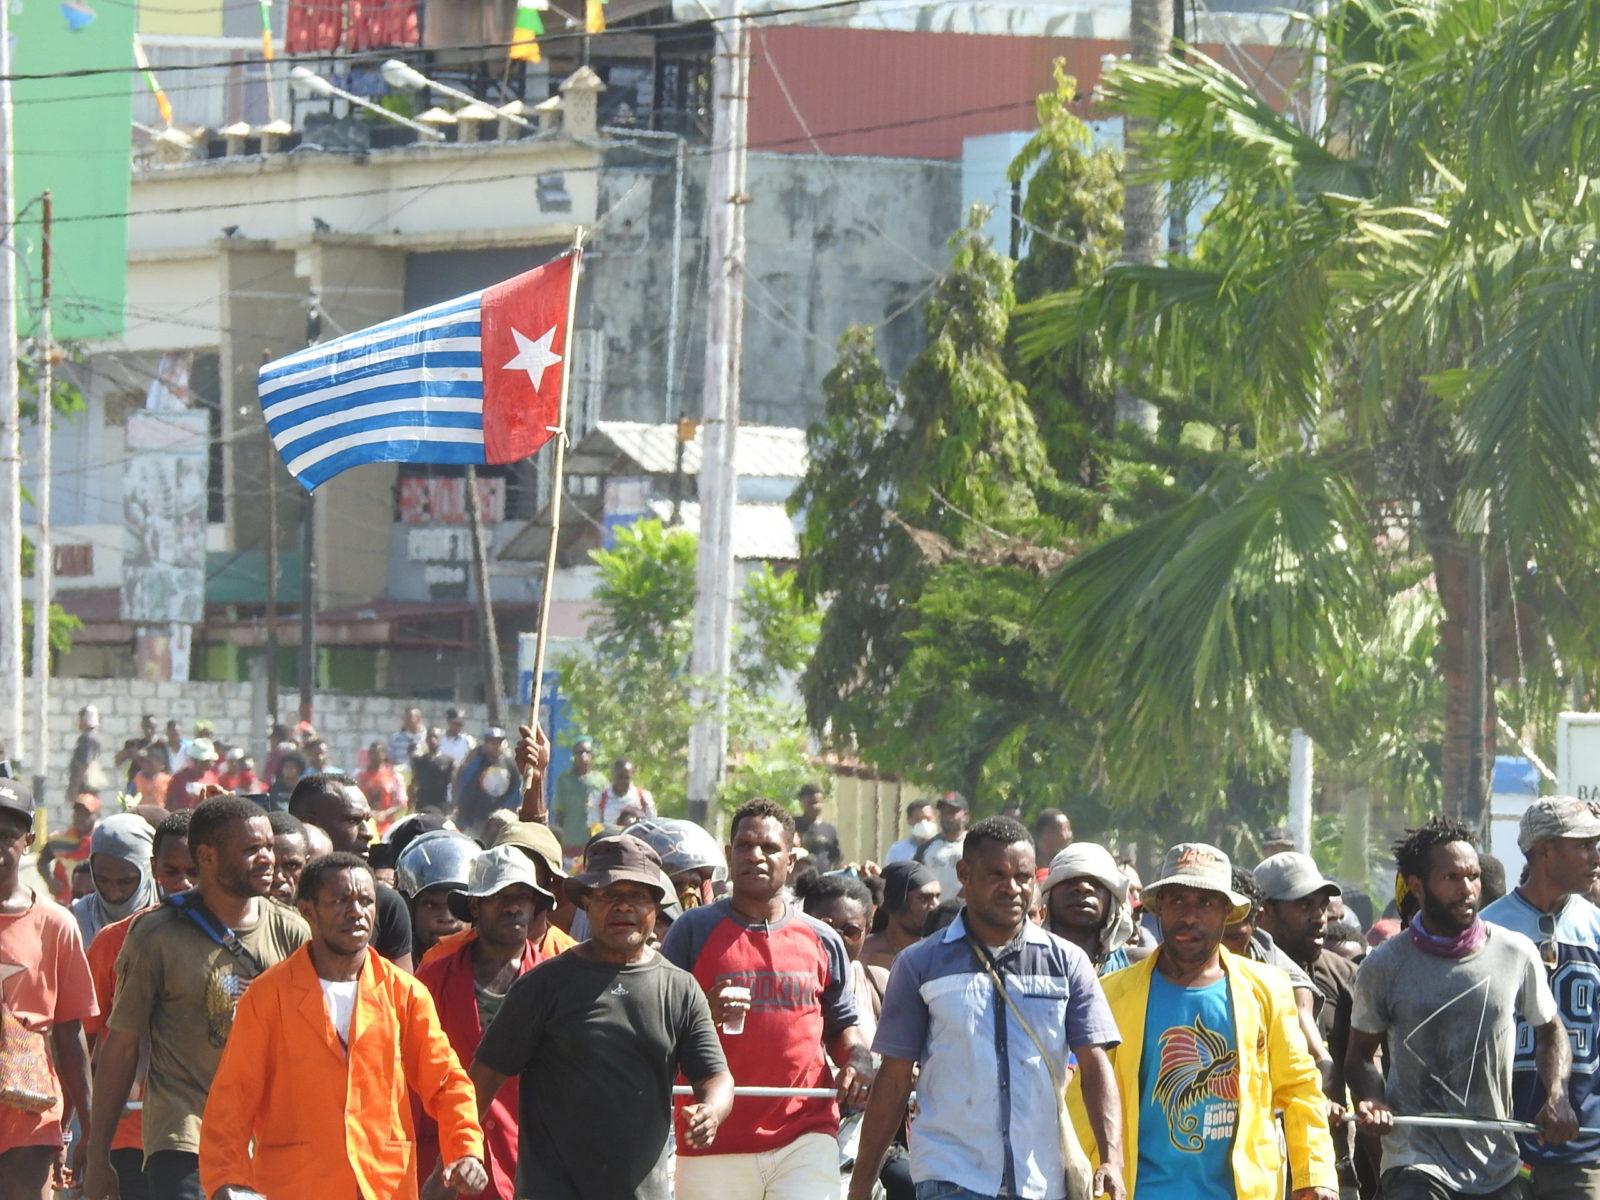 Morning-Star-Flagge bei einer Demonstration gegen Rassismus in West-Papua © Harun Rumbarar